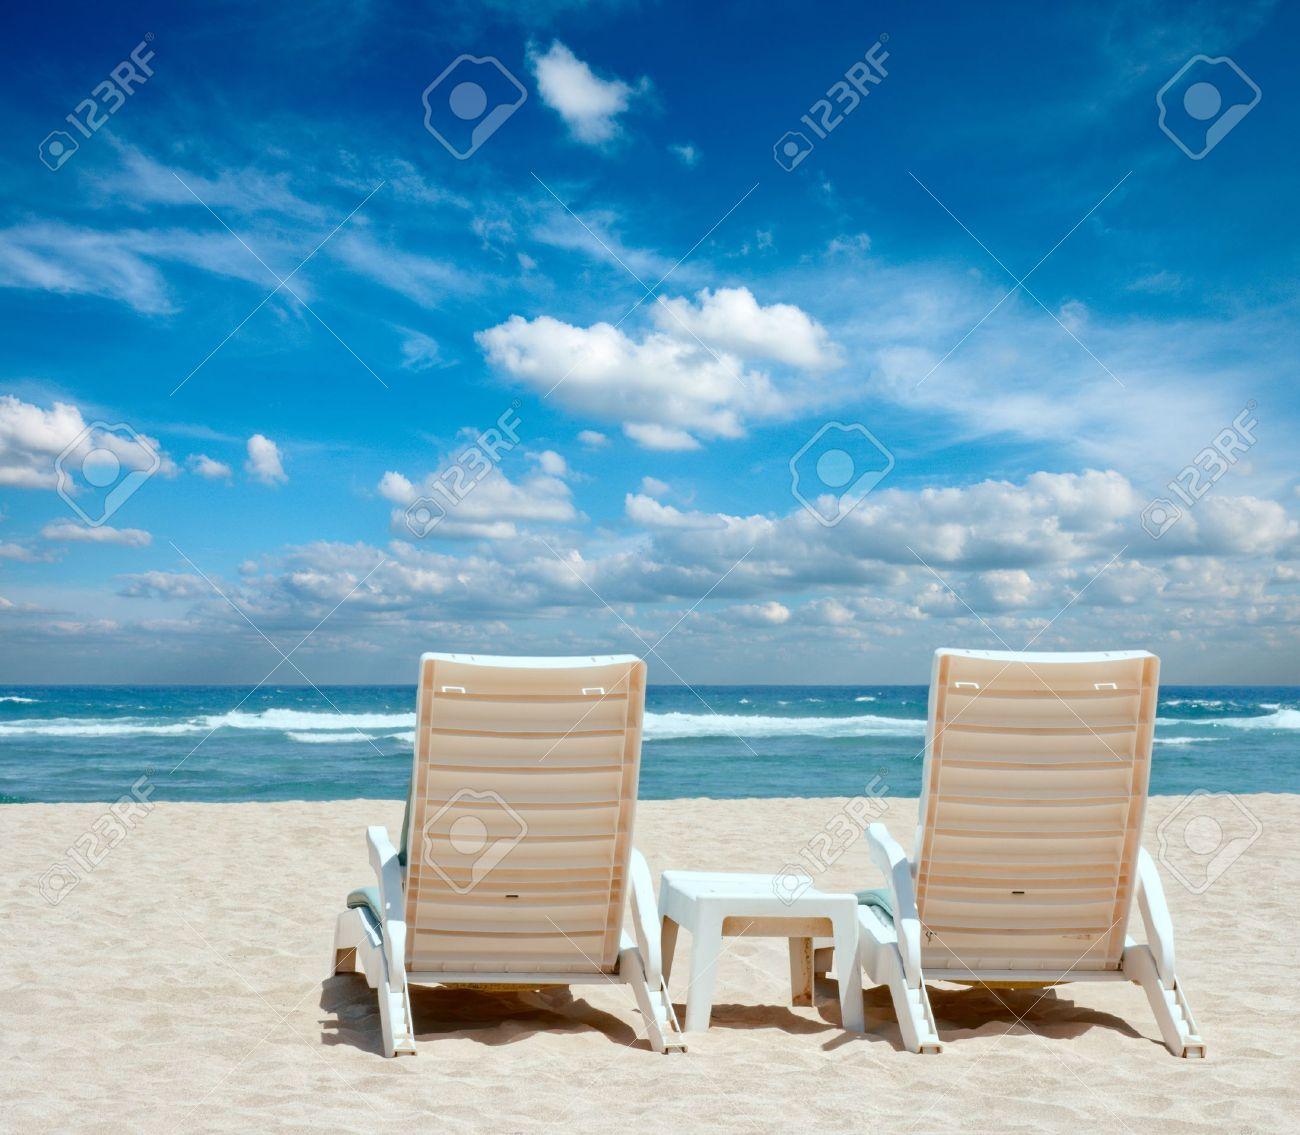 Beach with chairs - Beach Chairs Two Sun Beach Chairs On Shore Near Ocean Stock Photo